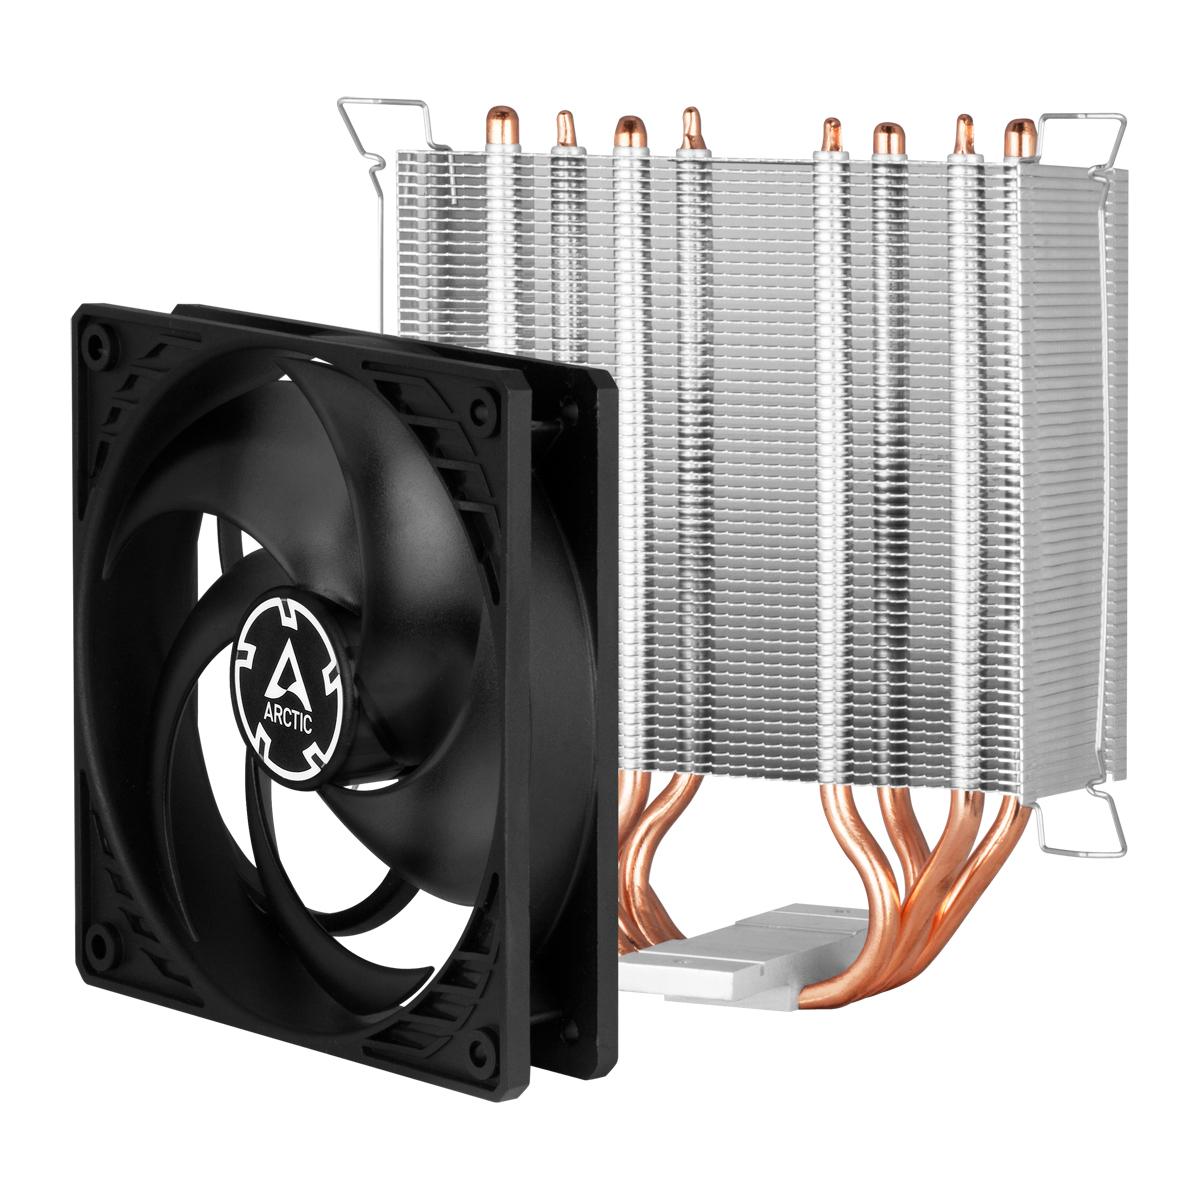 Tower CPU-Kühler mit 120 mm P-Lüfter ARCTIC Freezer 34 Lüfter und Kühlblock separiert